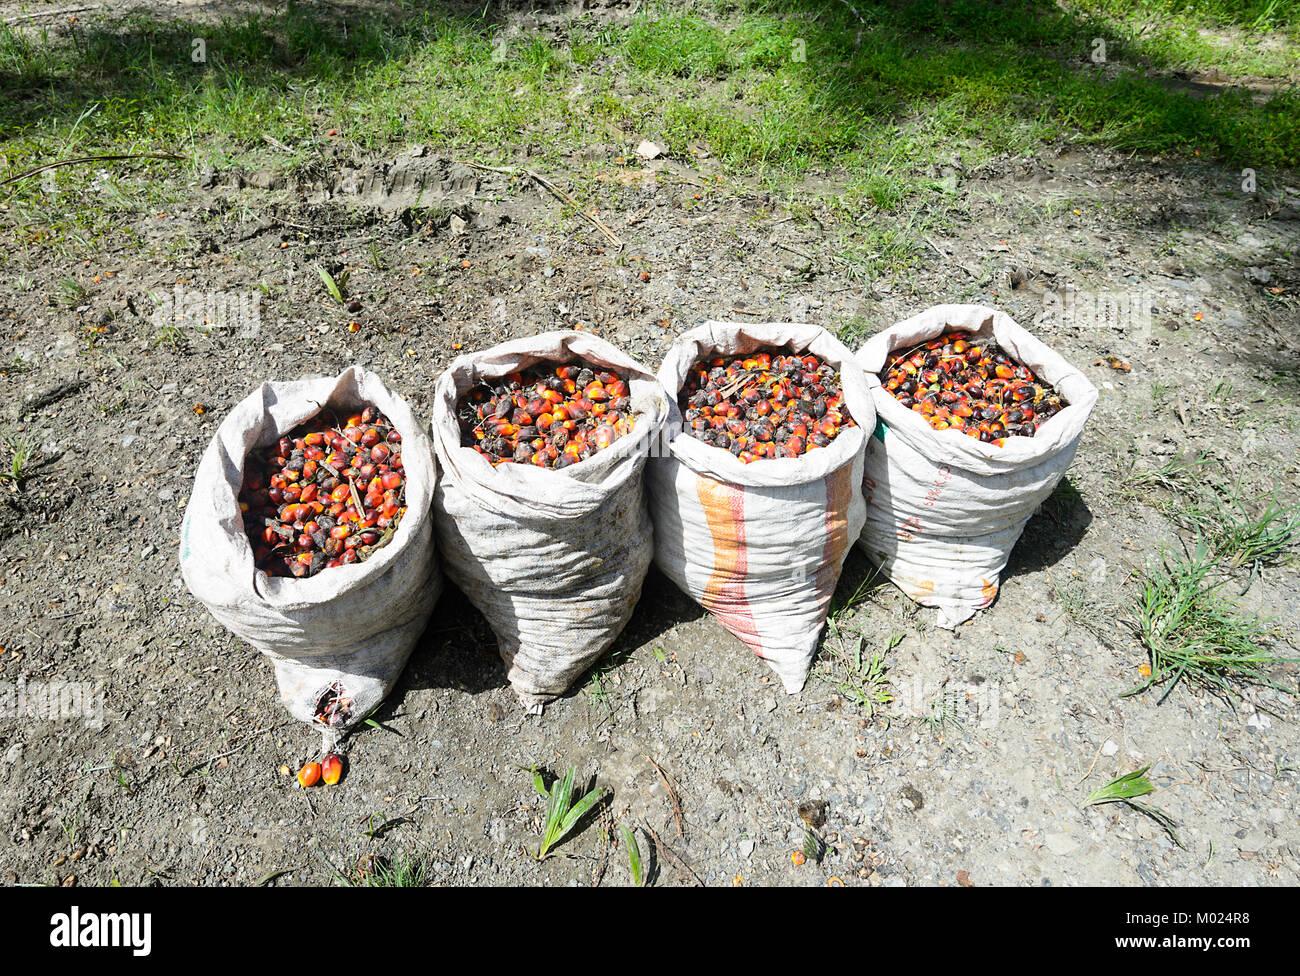 Malaysian Fruit Stock Photos & Malaysian Fruit Stock Images - Alamy